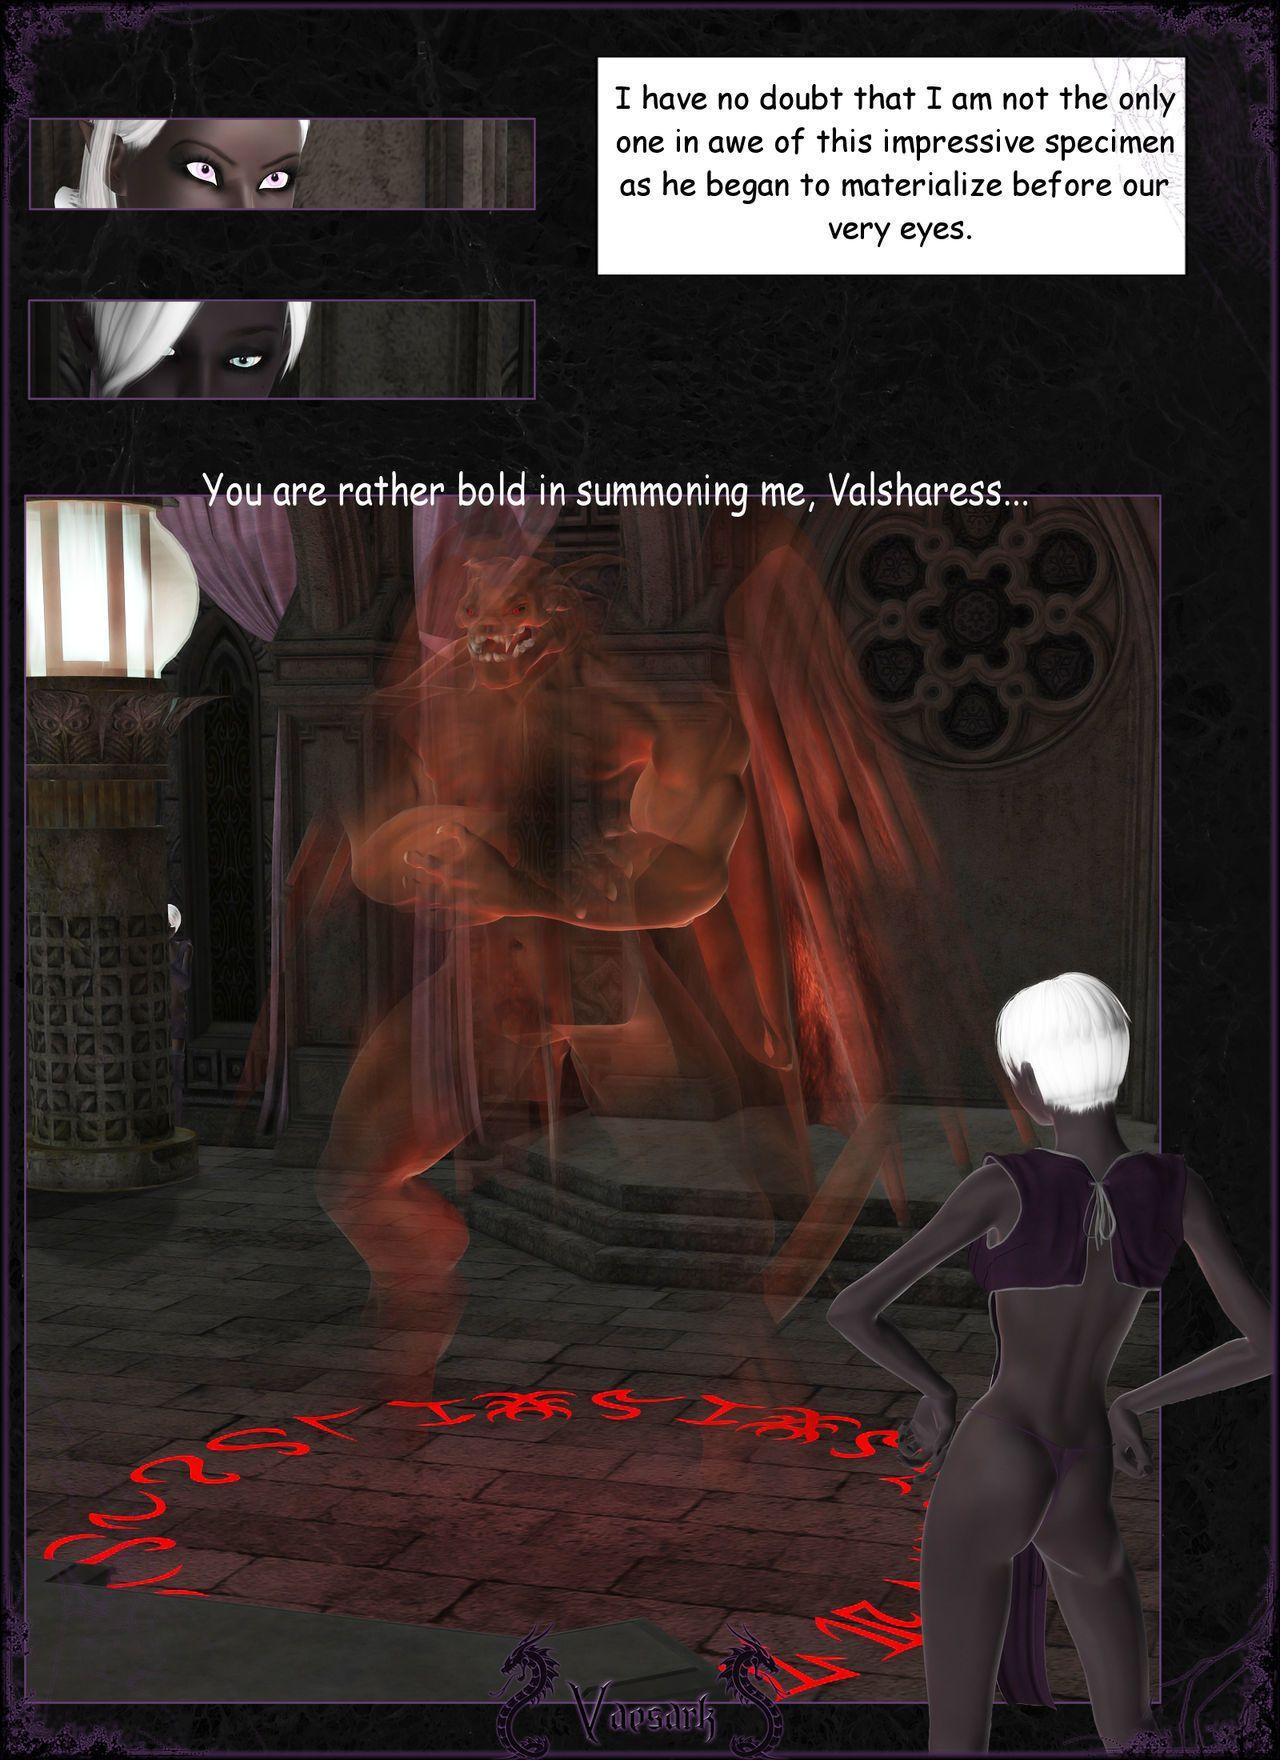 Darkest Desire - Chapter 1